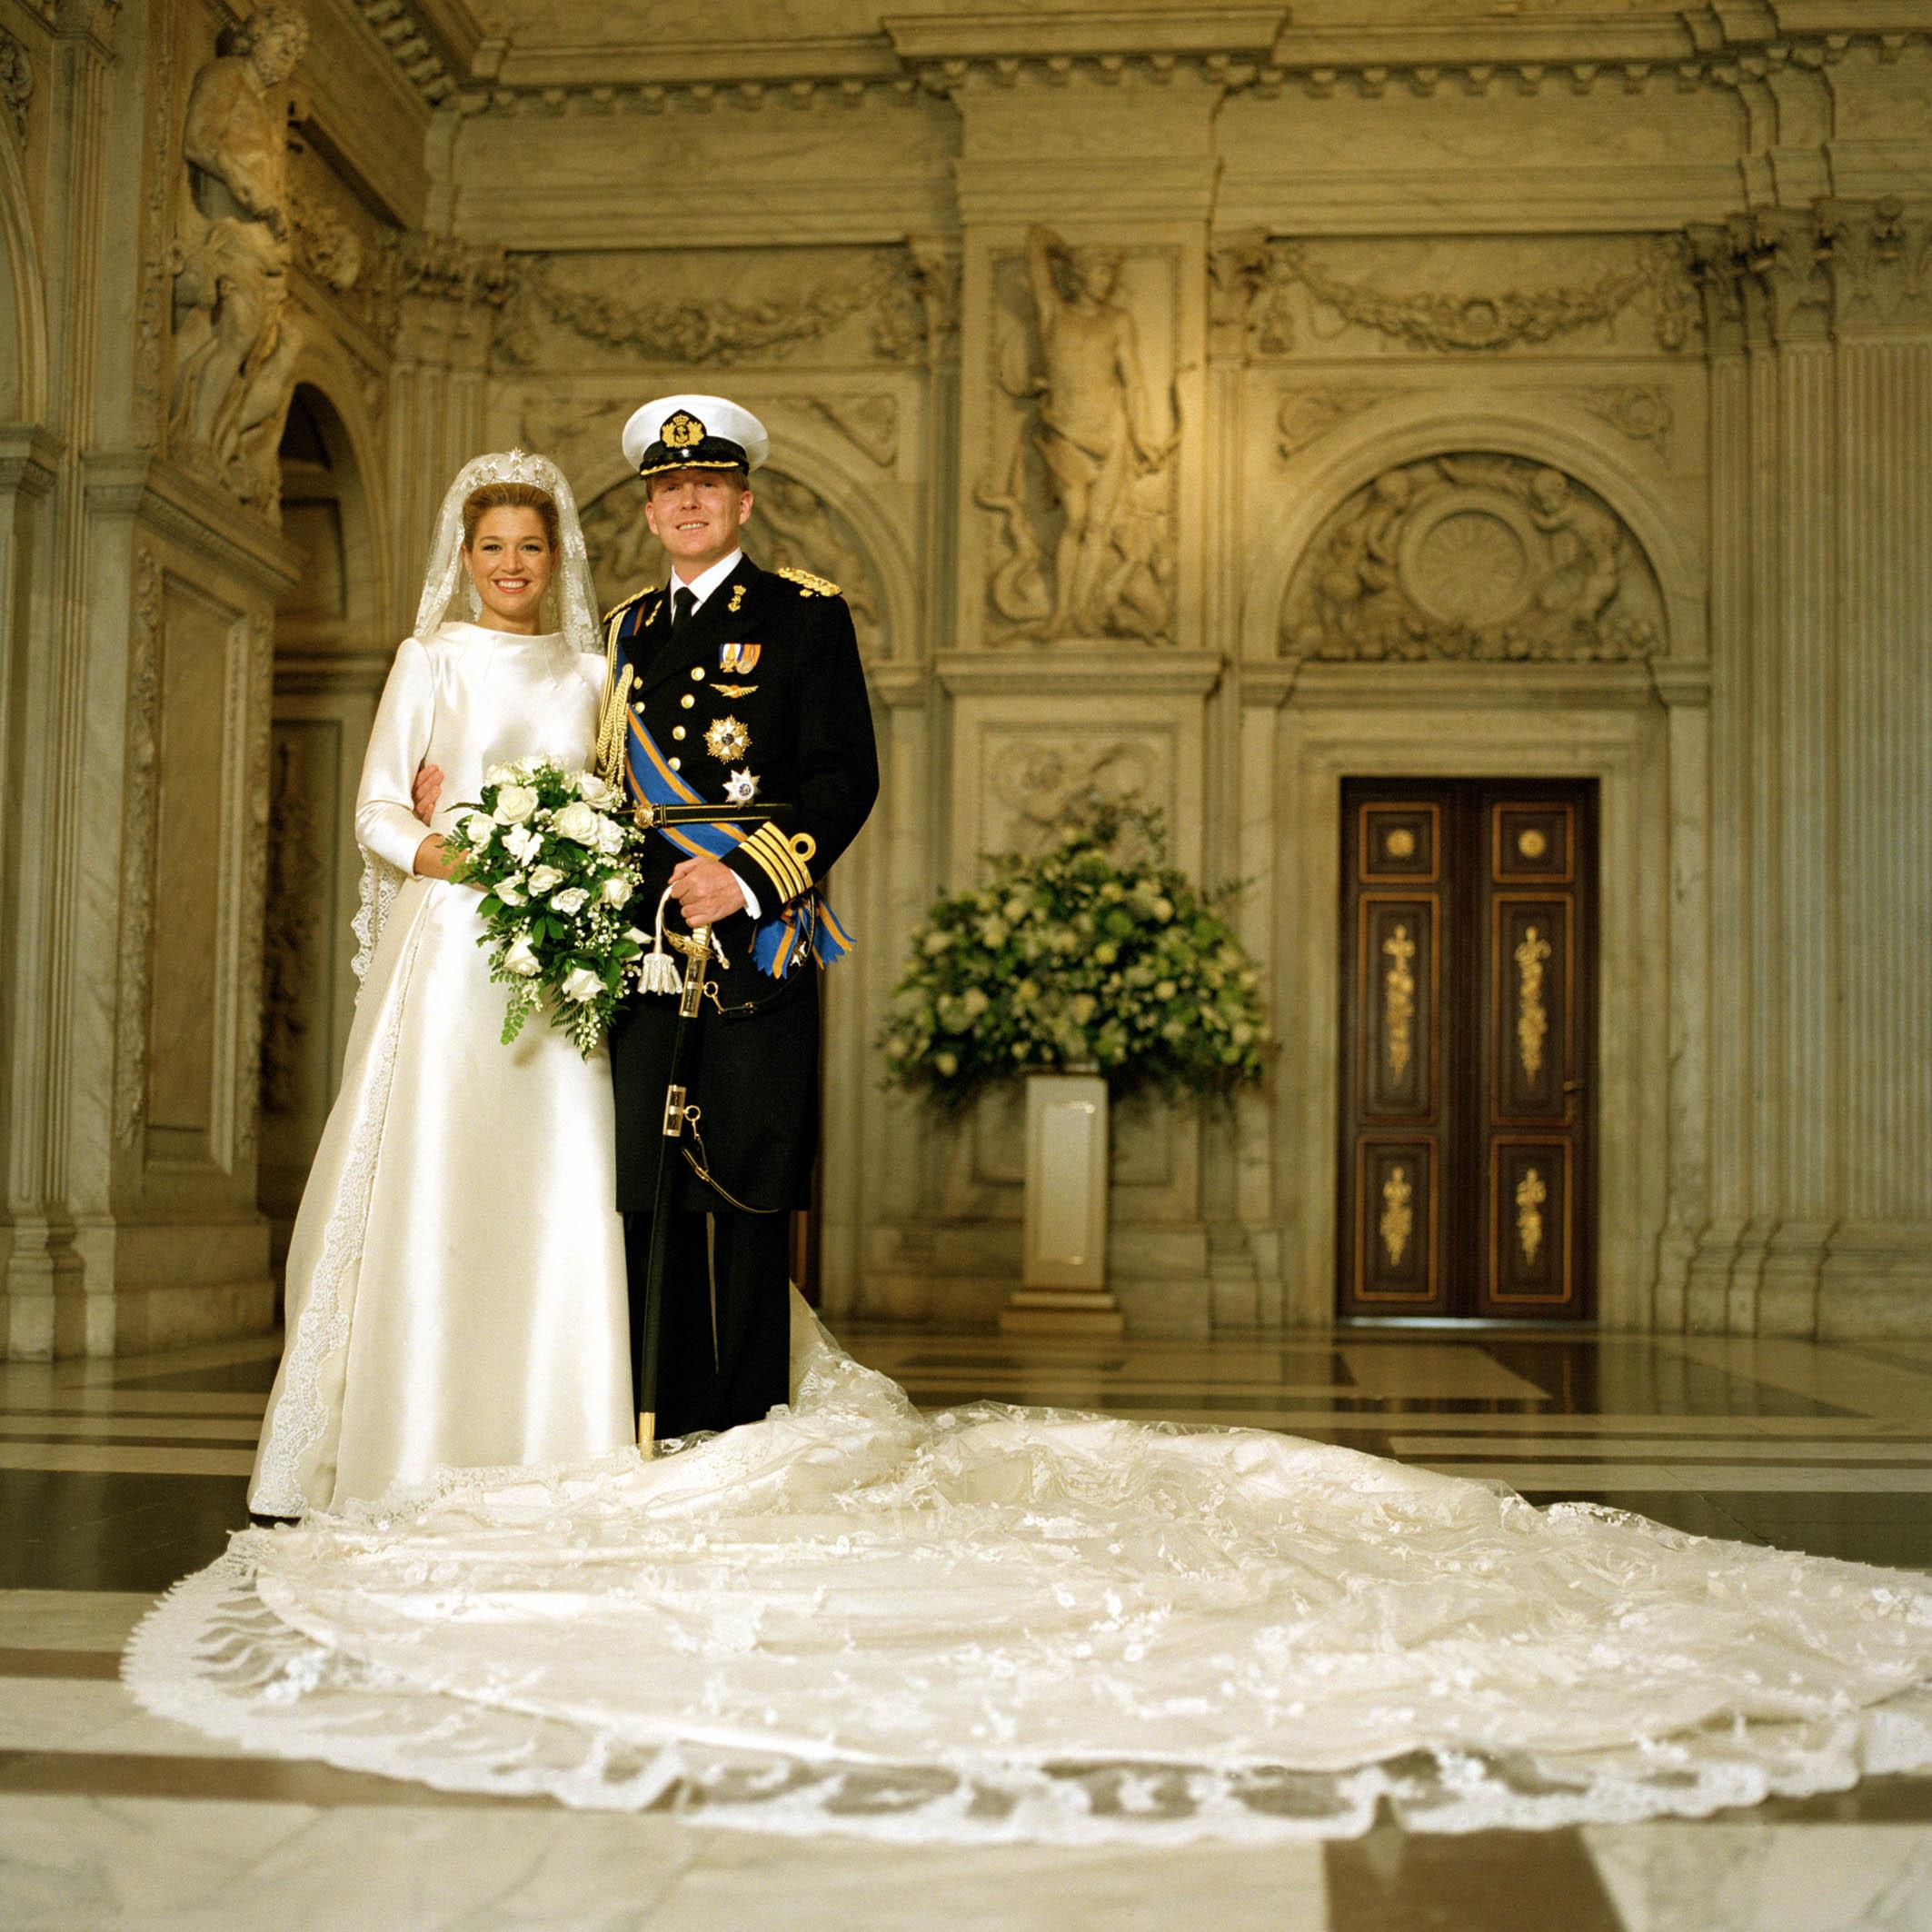 حفل زفاف الملكة ماكسيما وزوجها الملك ويليم ألكساندر- الصورة من موقع ويكيبيديا